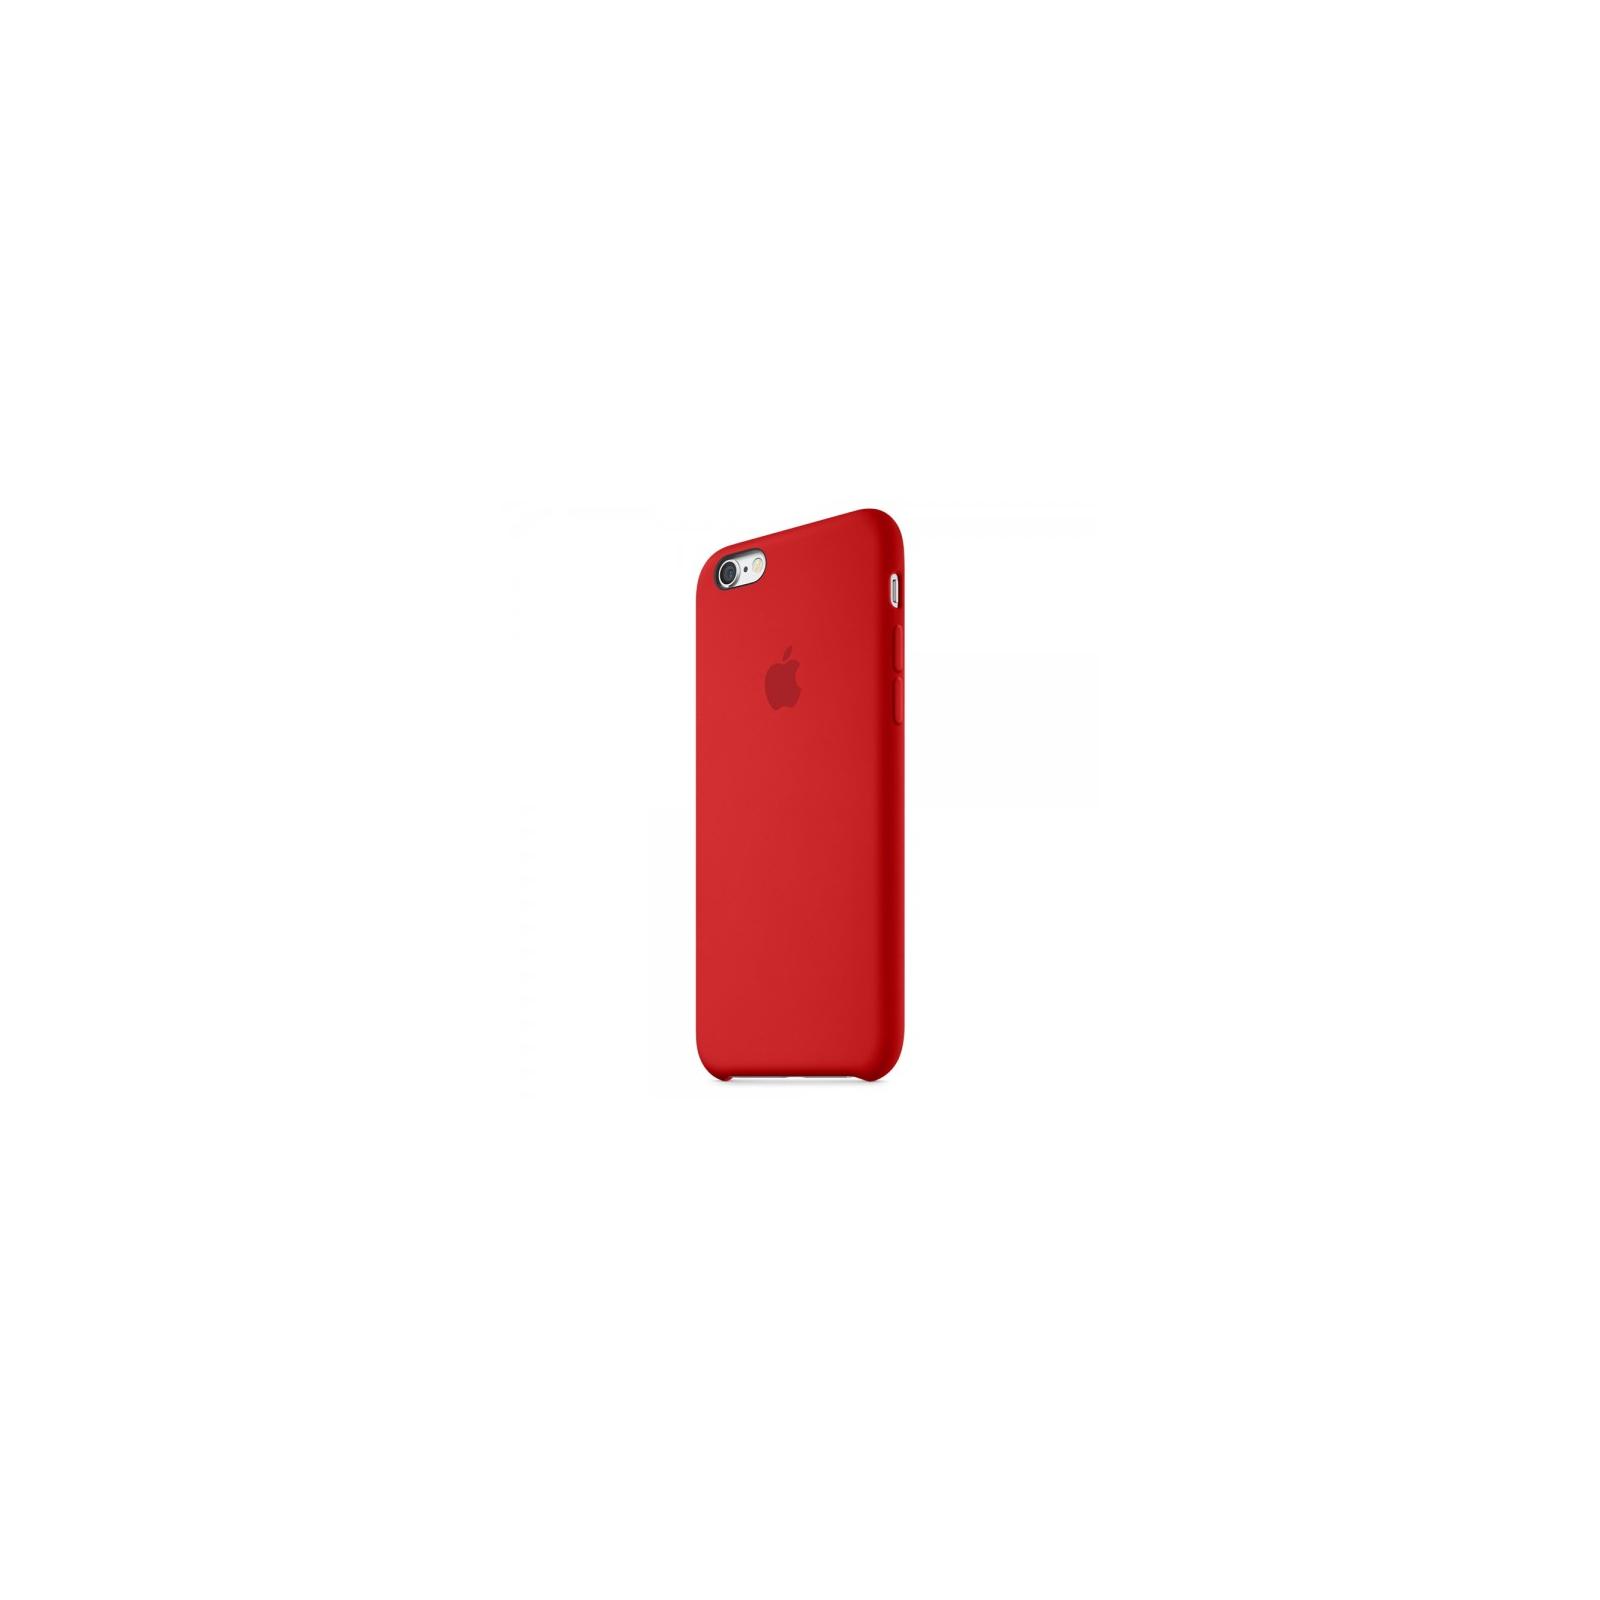 Чехол для моб. телефона Apple для iPhone 6/6s PRODUCT(RED) (MKY32ZM/A) изображение 2